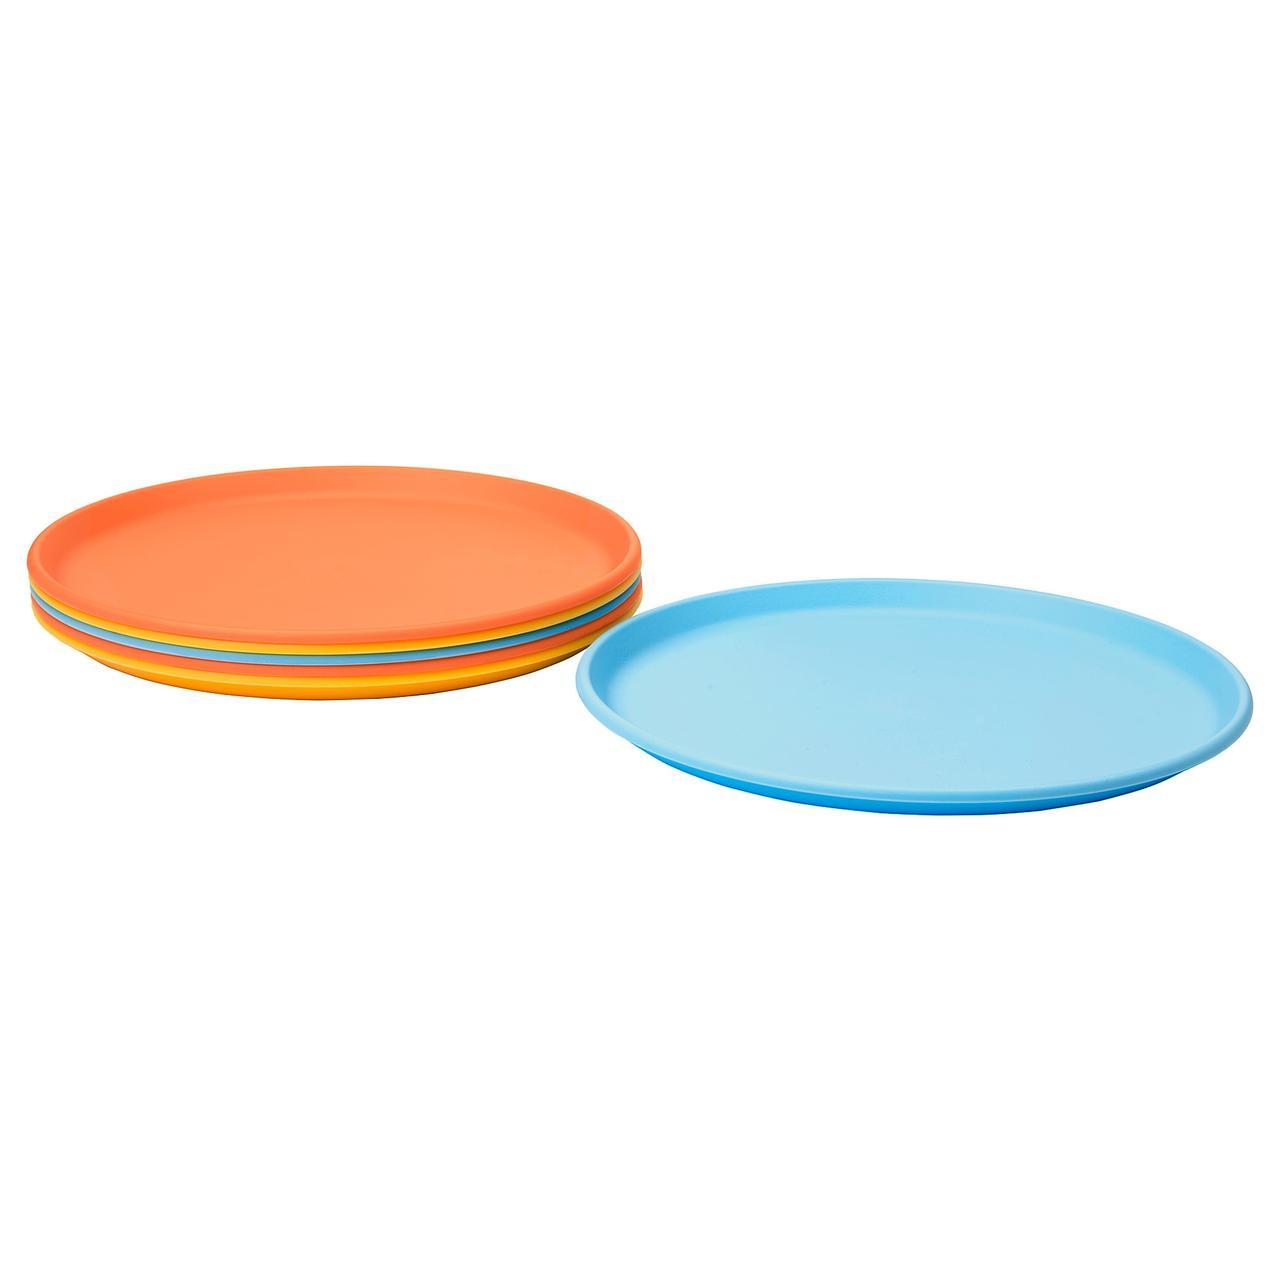 СОММАР 2019 Тарелка десертная, разные цвета